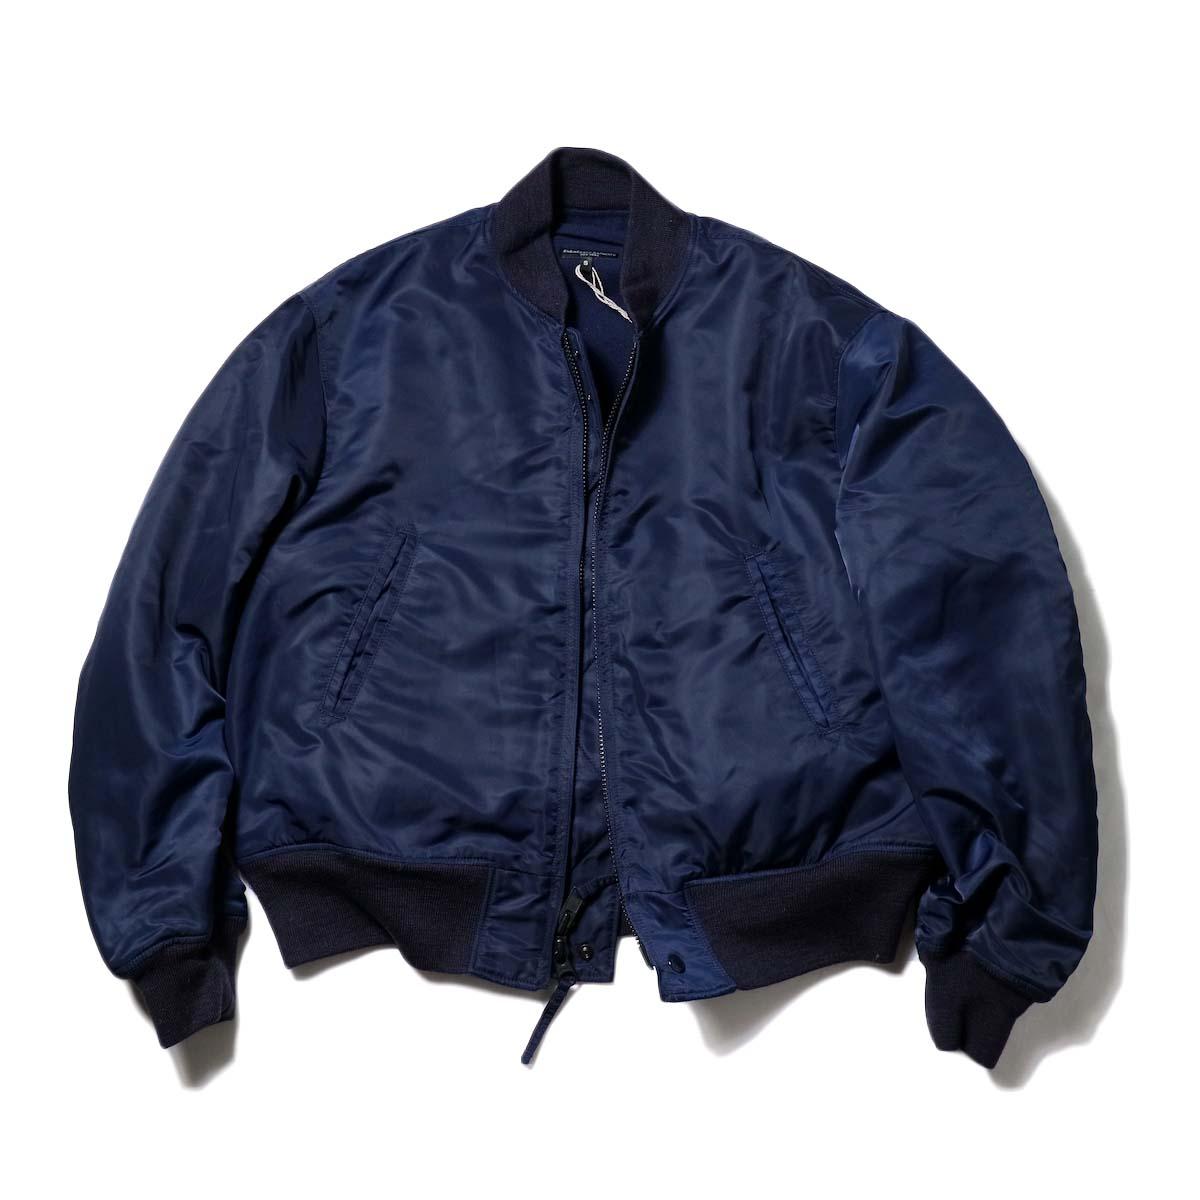 Engineered Garments / SVR Jacket - Flight Satin (Navy)